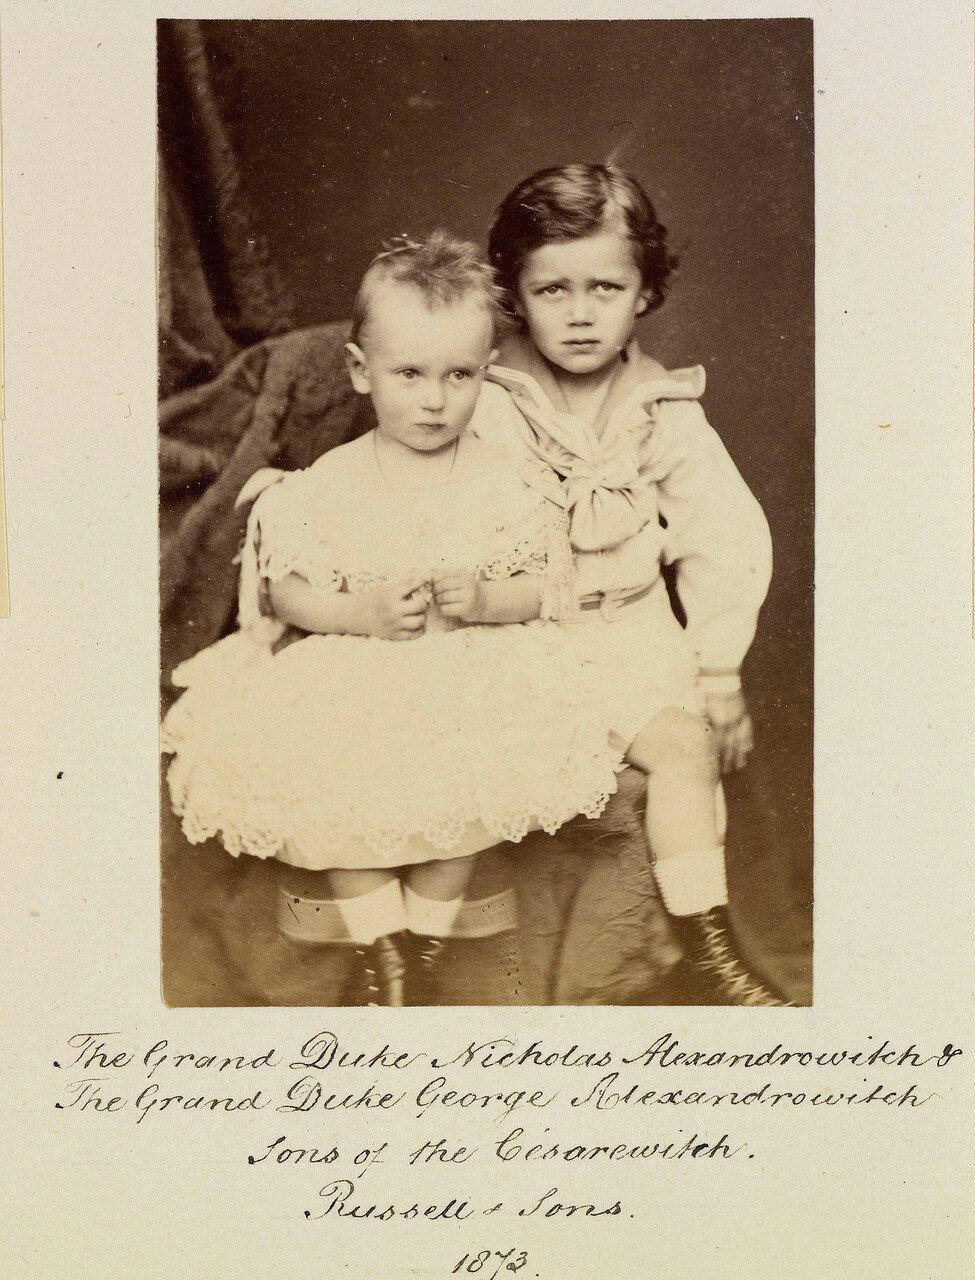 Великие князья Николай Александрович и Георгий Александрович. 1873